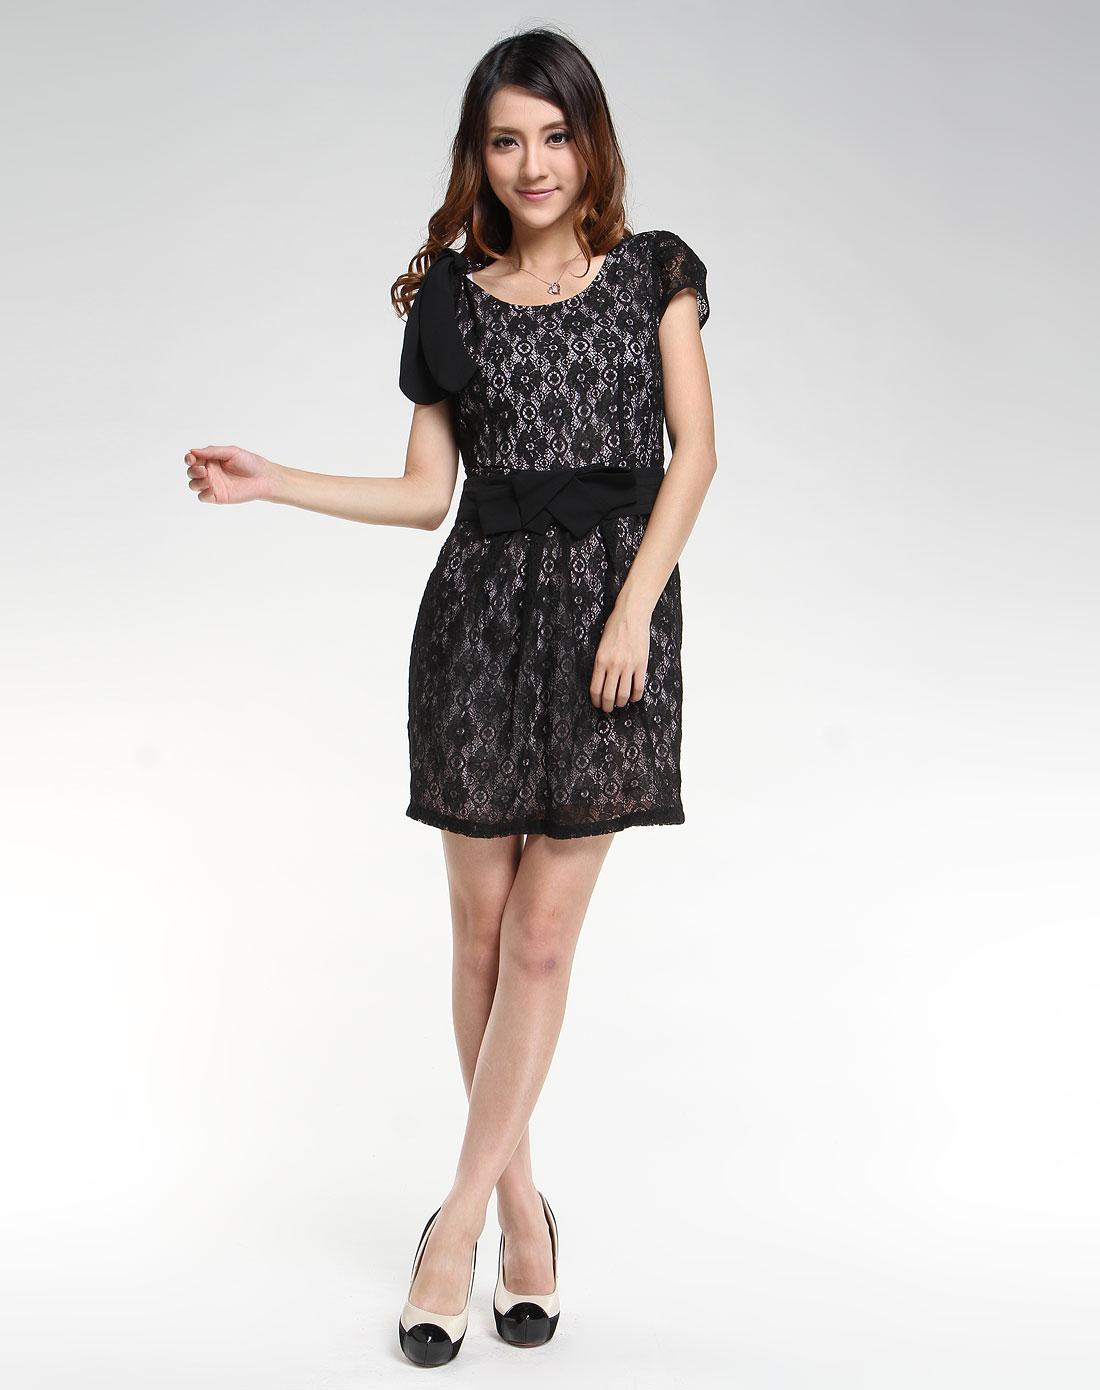 傲丝度isayido女装专场-黑色蕾丝花边短袖连衣裙